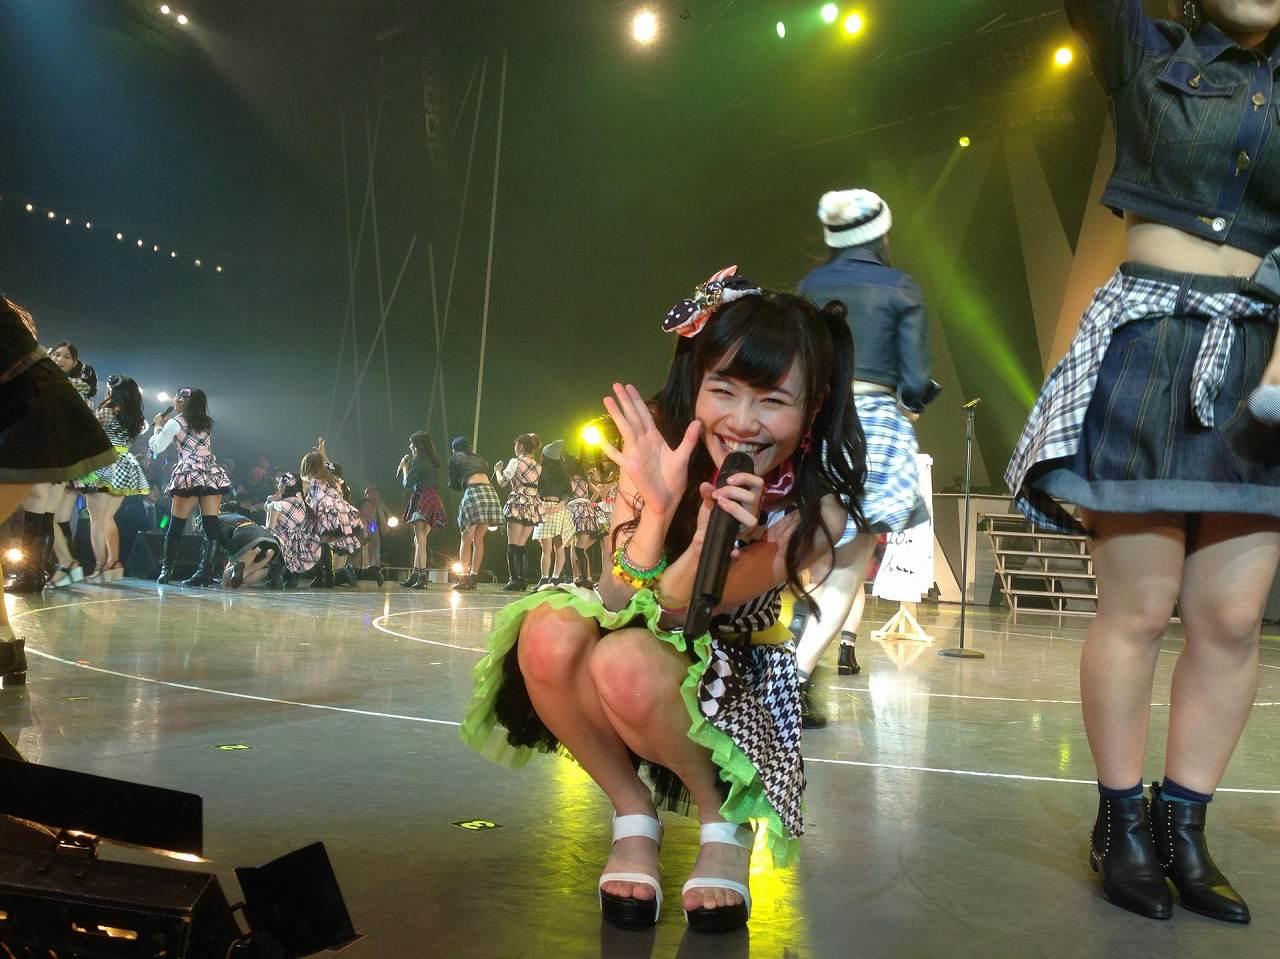 AKB48横浜公演でしゃがみ込んだメンバーがパンチラ